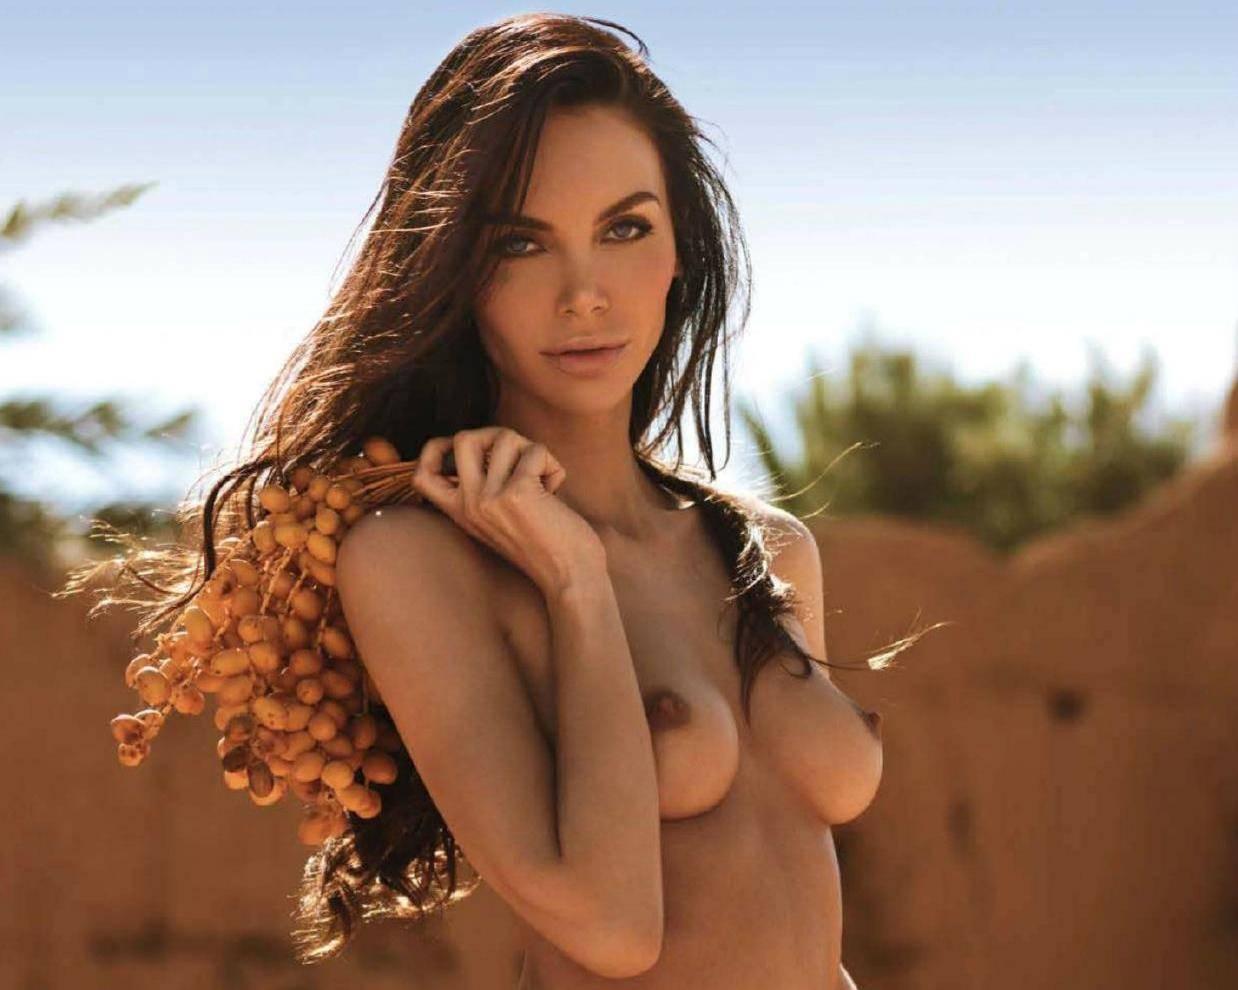 Melissa bachman nu, sex voyeur videos